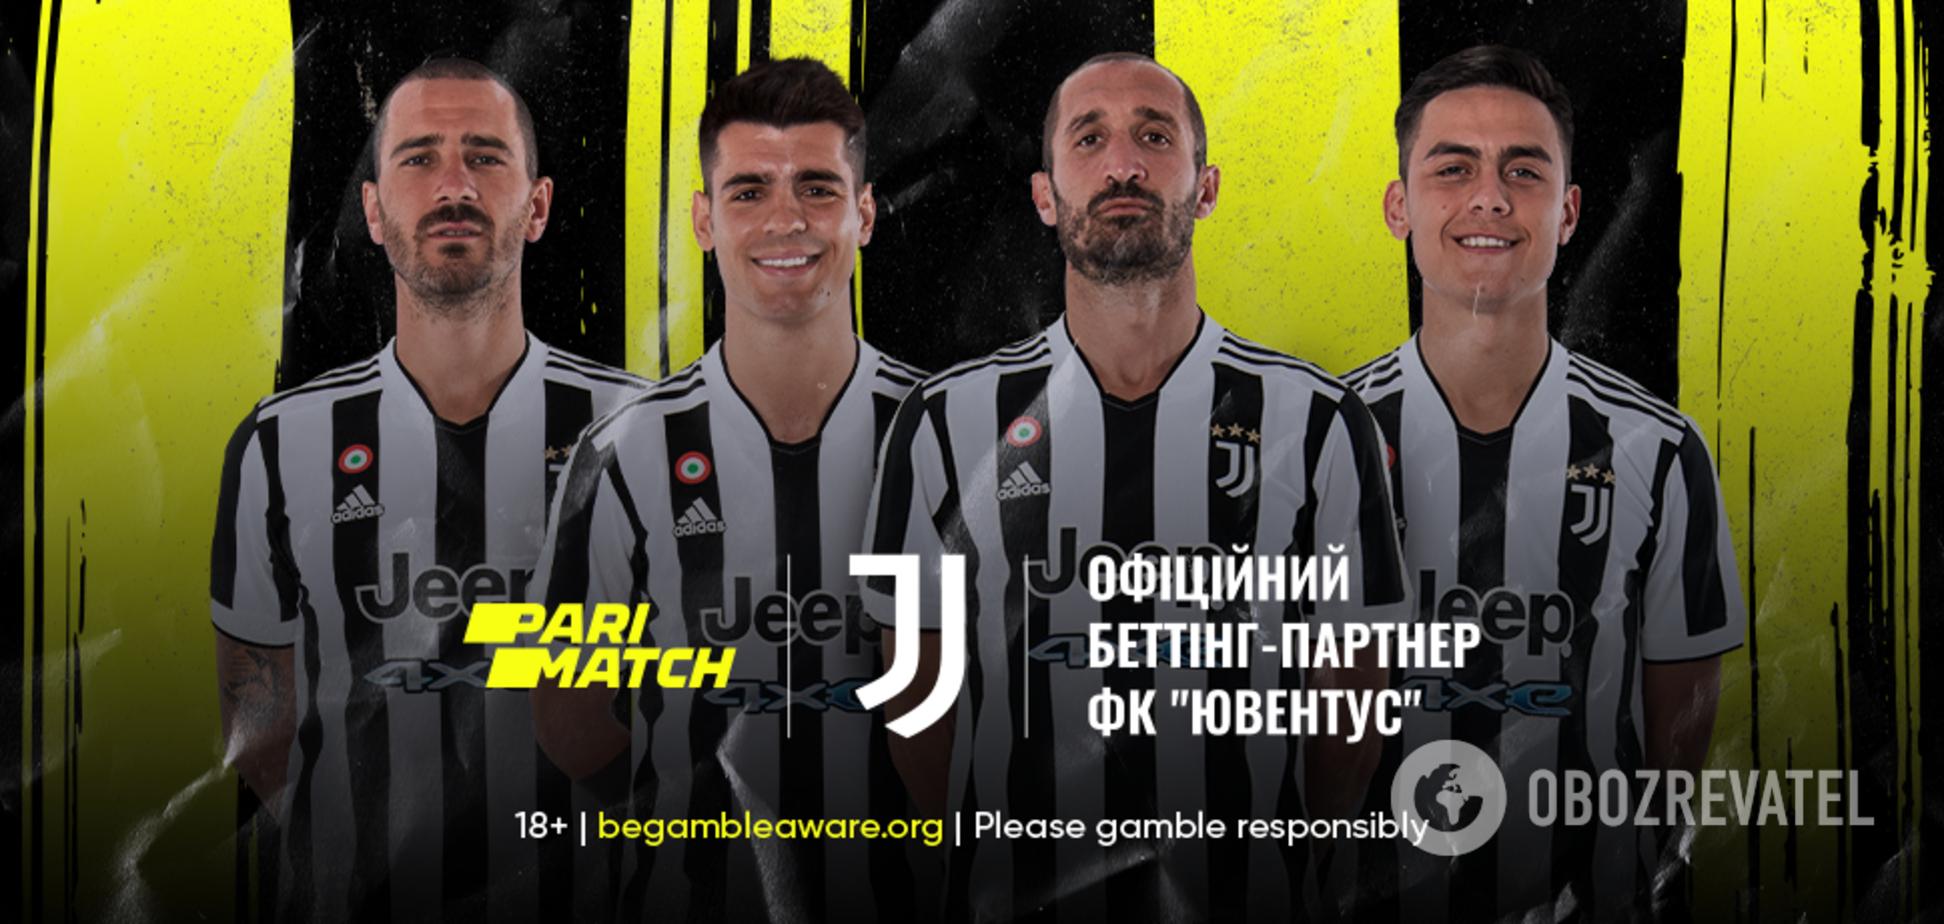 Parimatch продлил контракт с легендарным ФК 'Ювентус'